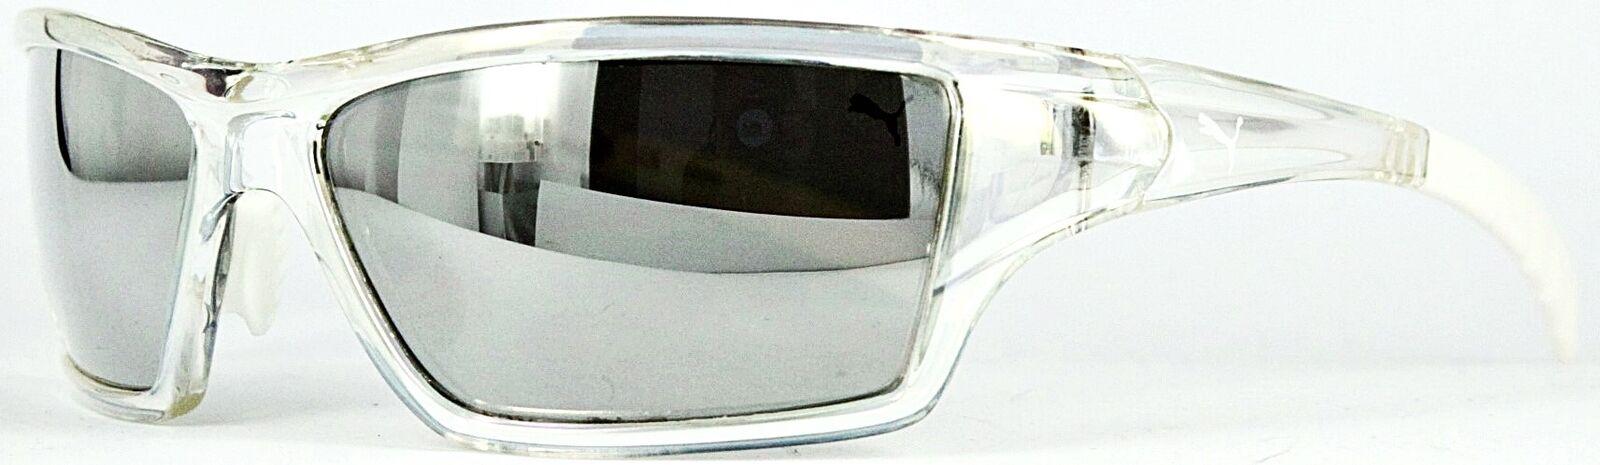 Puma Sonnenbrille / Sunglasses PU14700 CR 61[]15-130 #452(62)